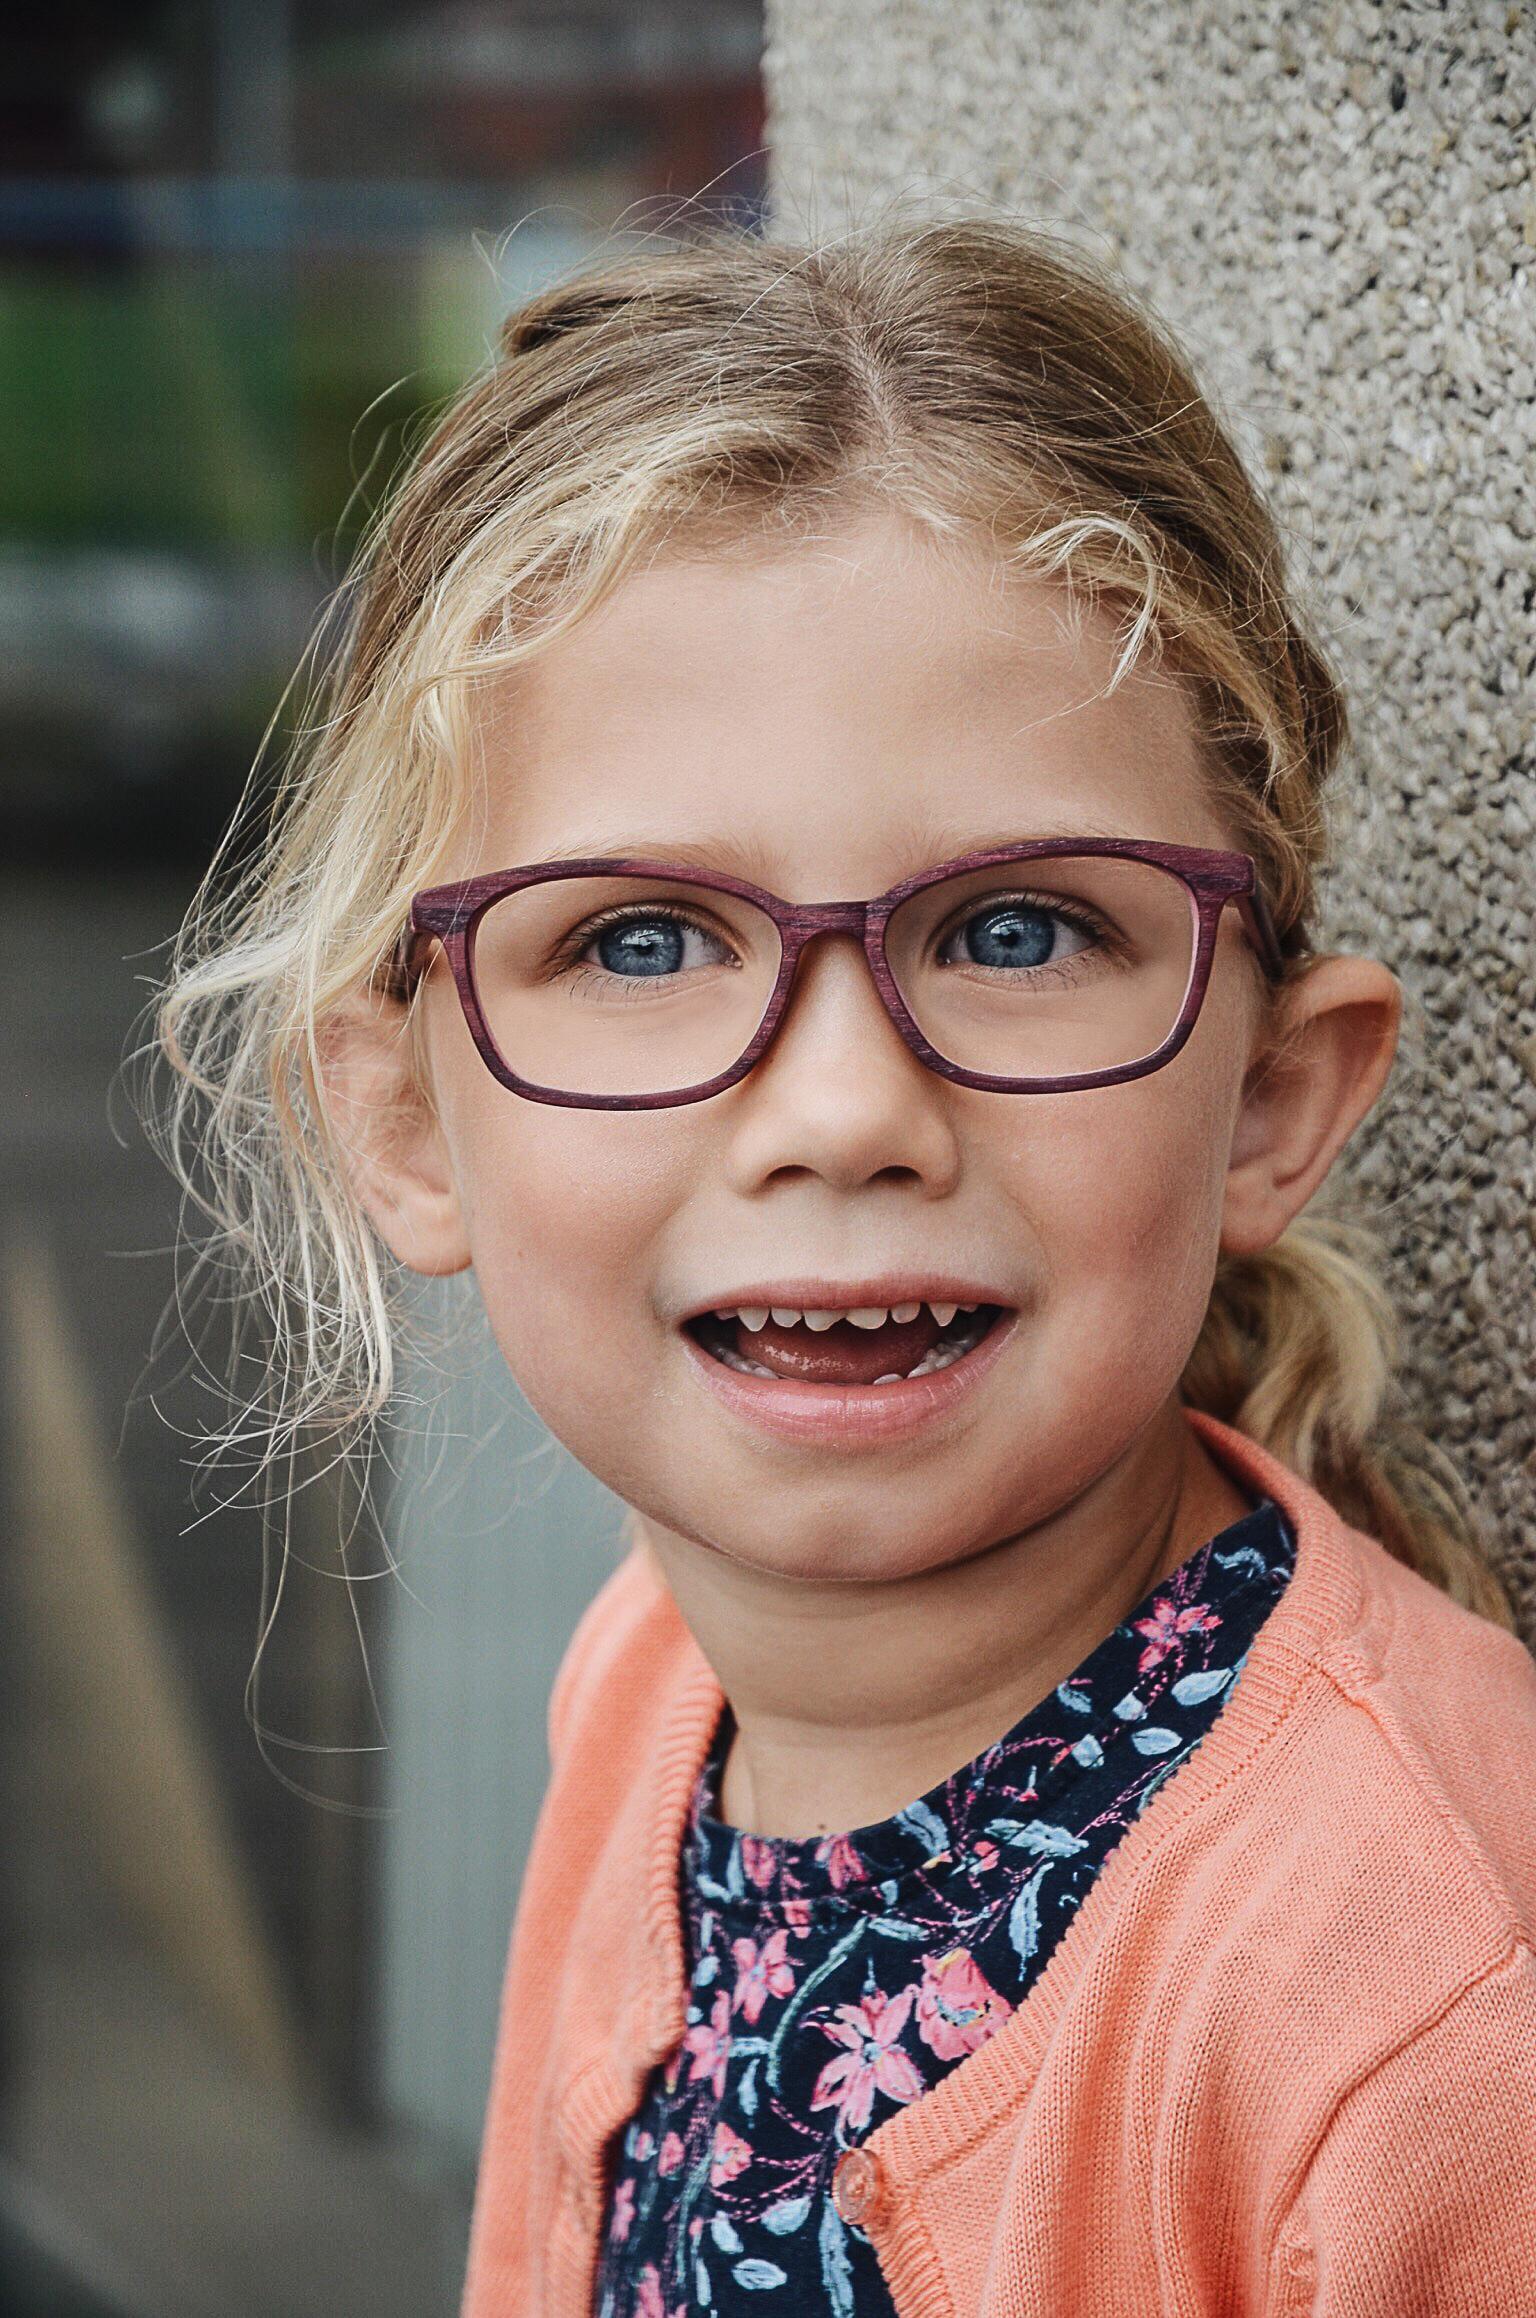 BBIG kinderbrillen - Optiek Lammerant Deinze